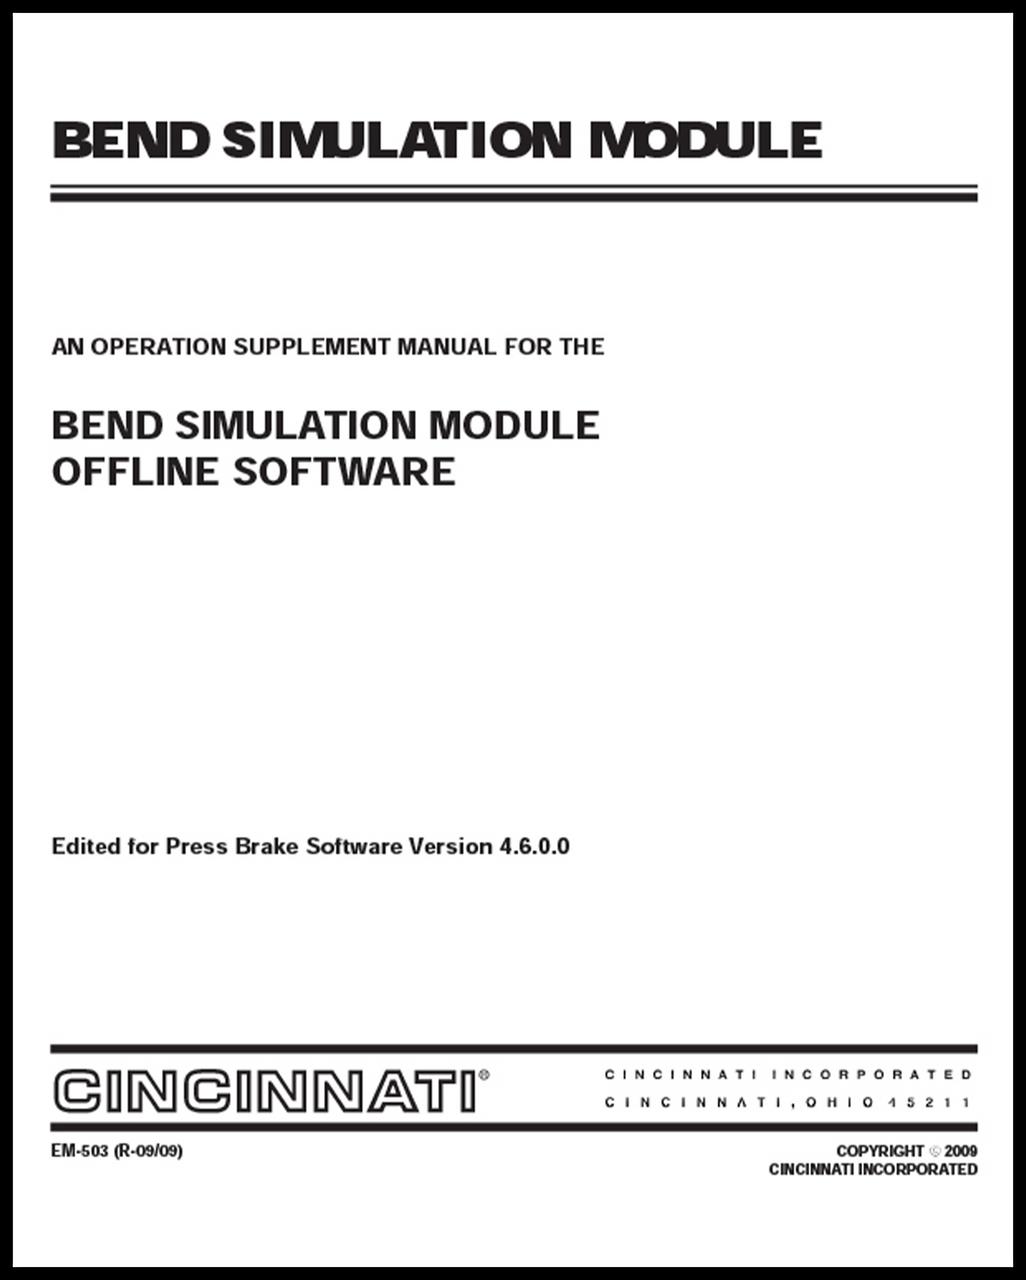 EM-503 Bend Simulation Offline Software (M,N,P,R,S,T,U,V)